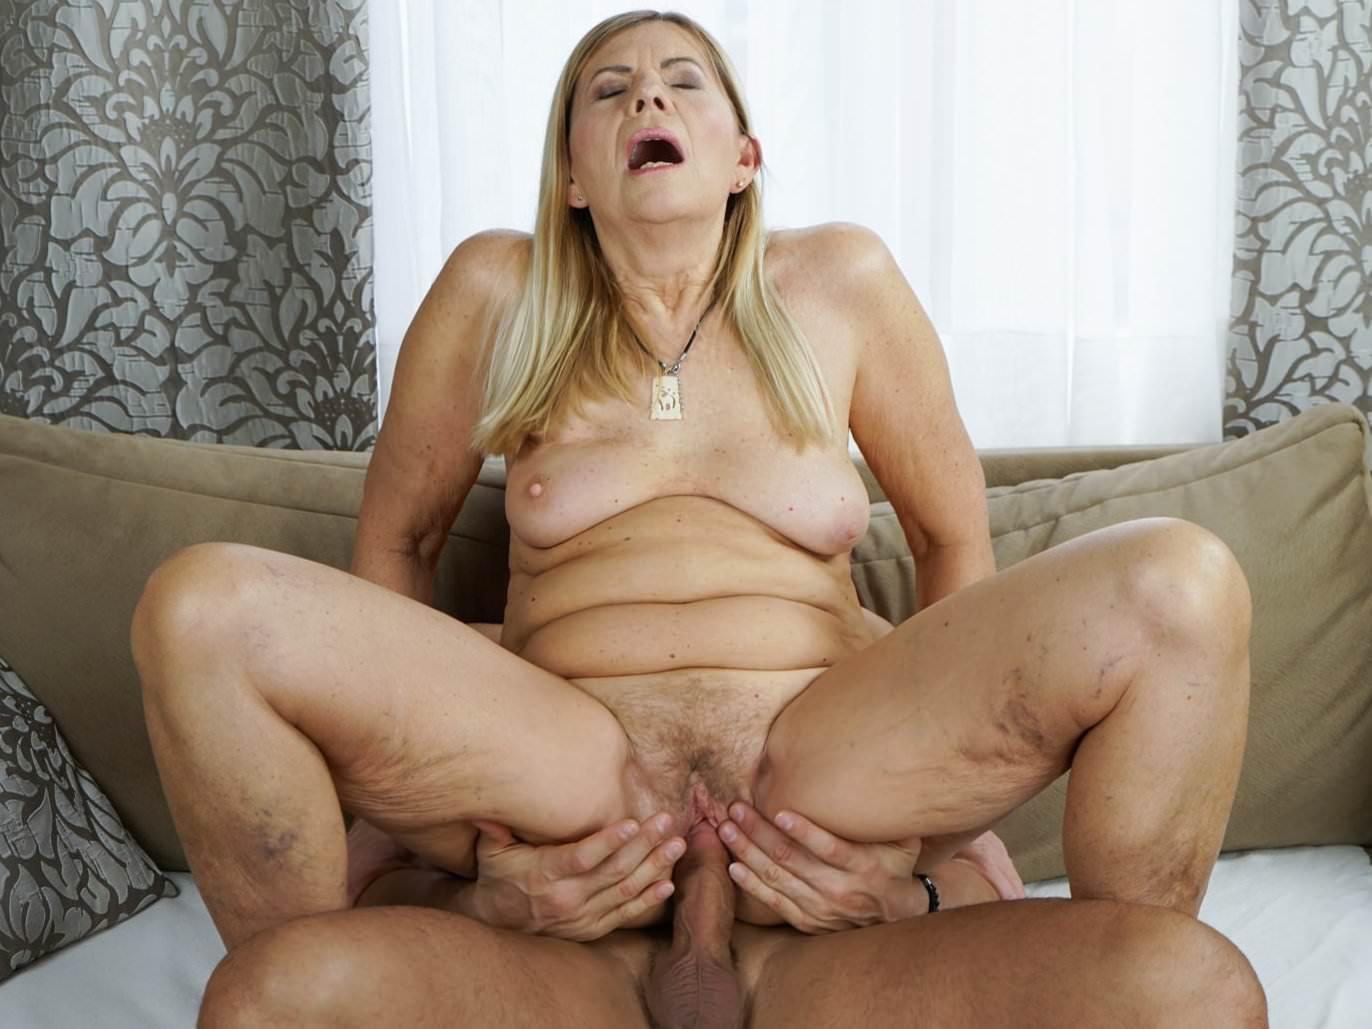 Girl bare asshole